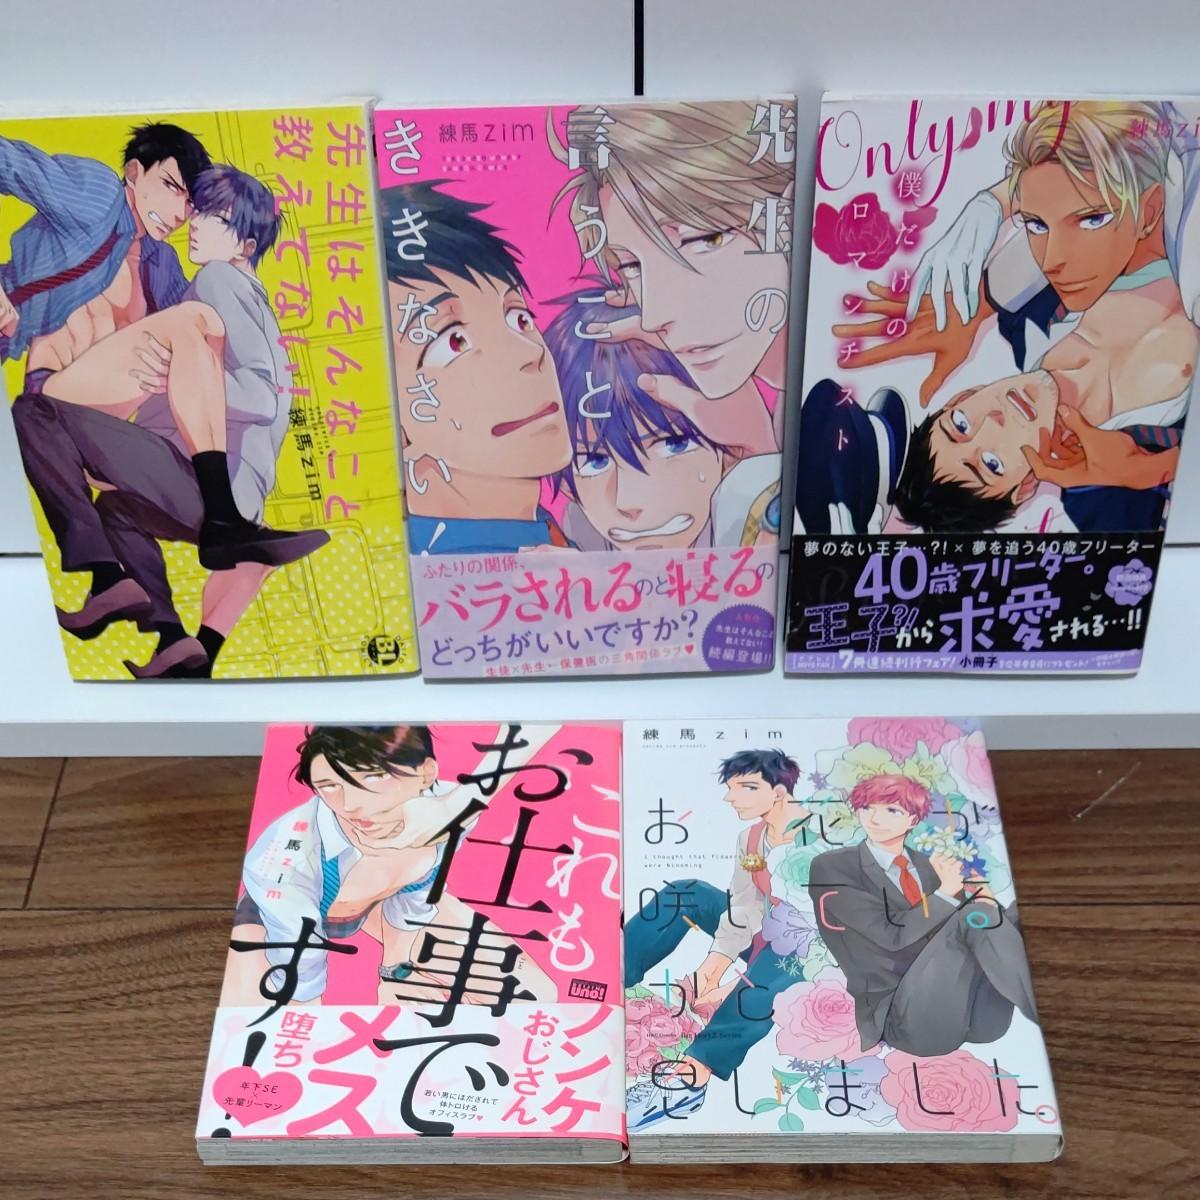 BLコミック 先生シリーズ 全2巻/僕だけのロマンチスト/これもお仕事です!/お花が咲いているかと思いました。/練馬zim